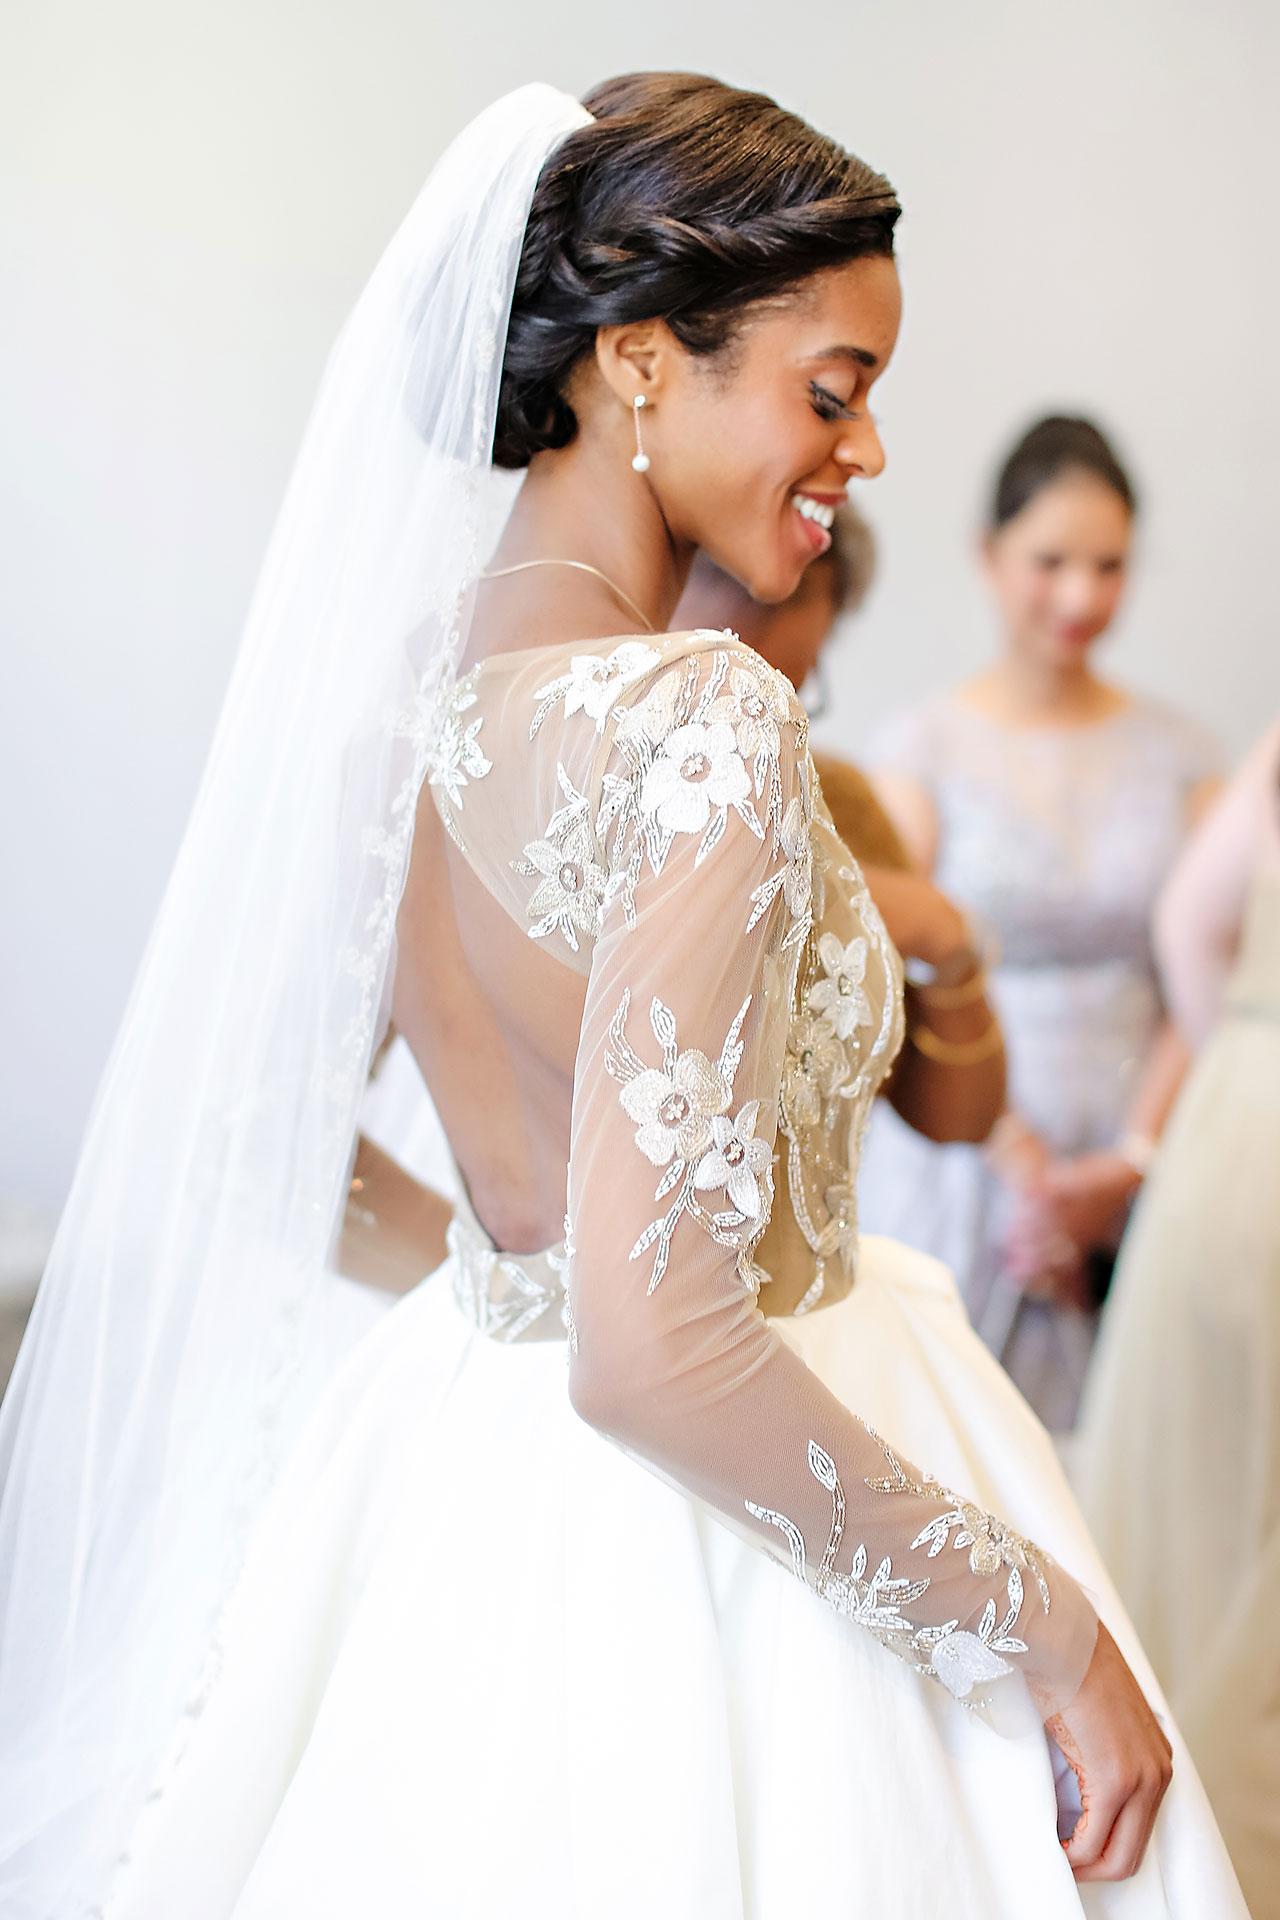 Joie Nikhil Indianapolis Christian Wedding 058